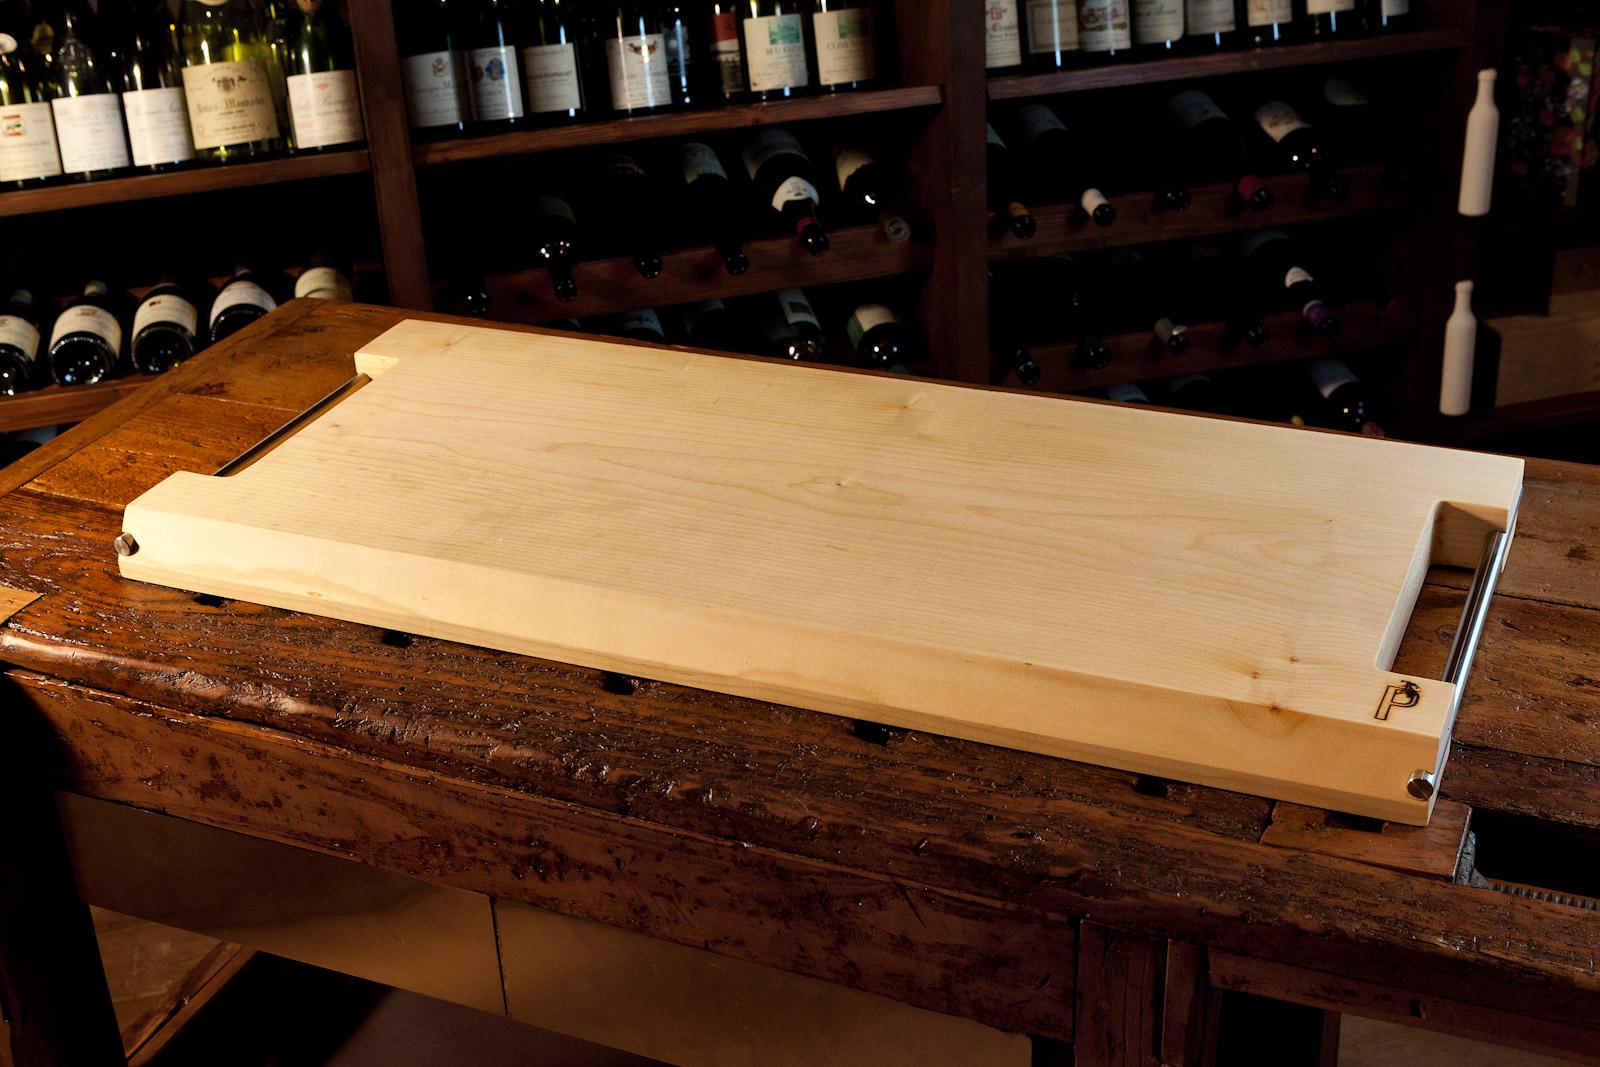 der betrieb pasquini marino bietet exklusive handgemachte einzelst cke aus massivholz an. Black Bedroom Furniture Sets. Home Design Ideas